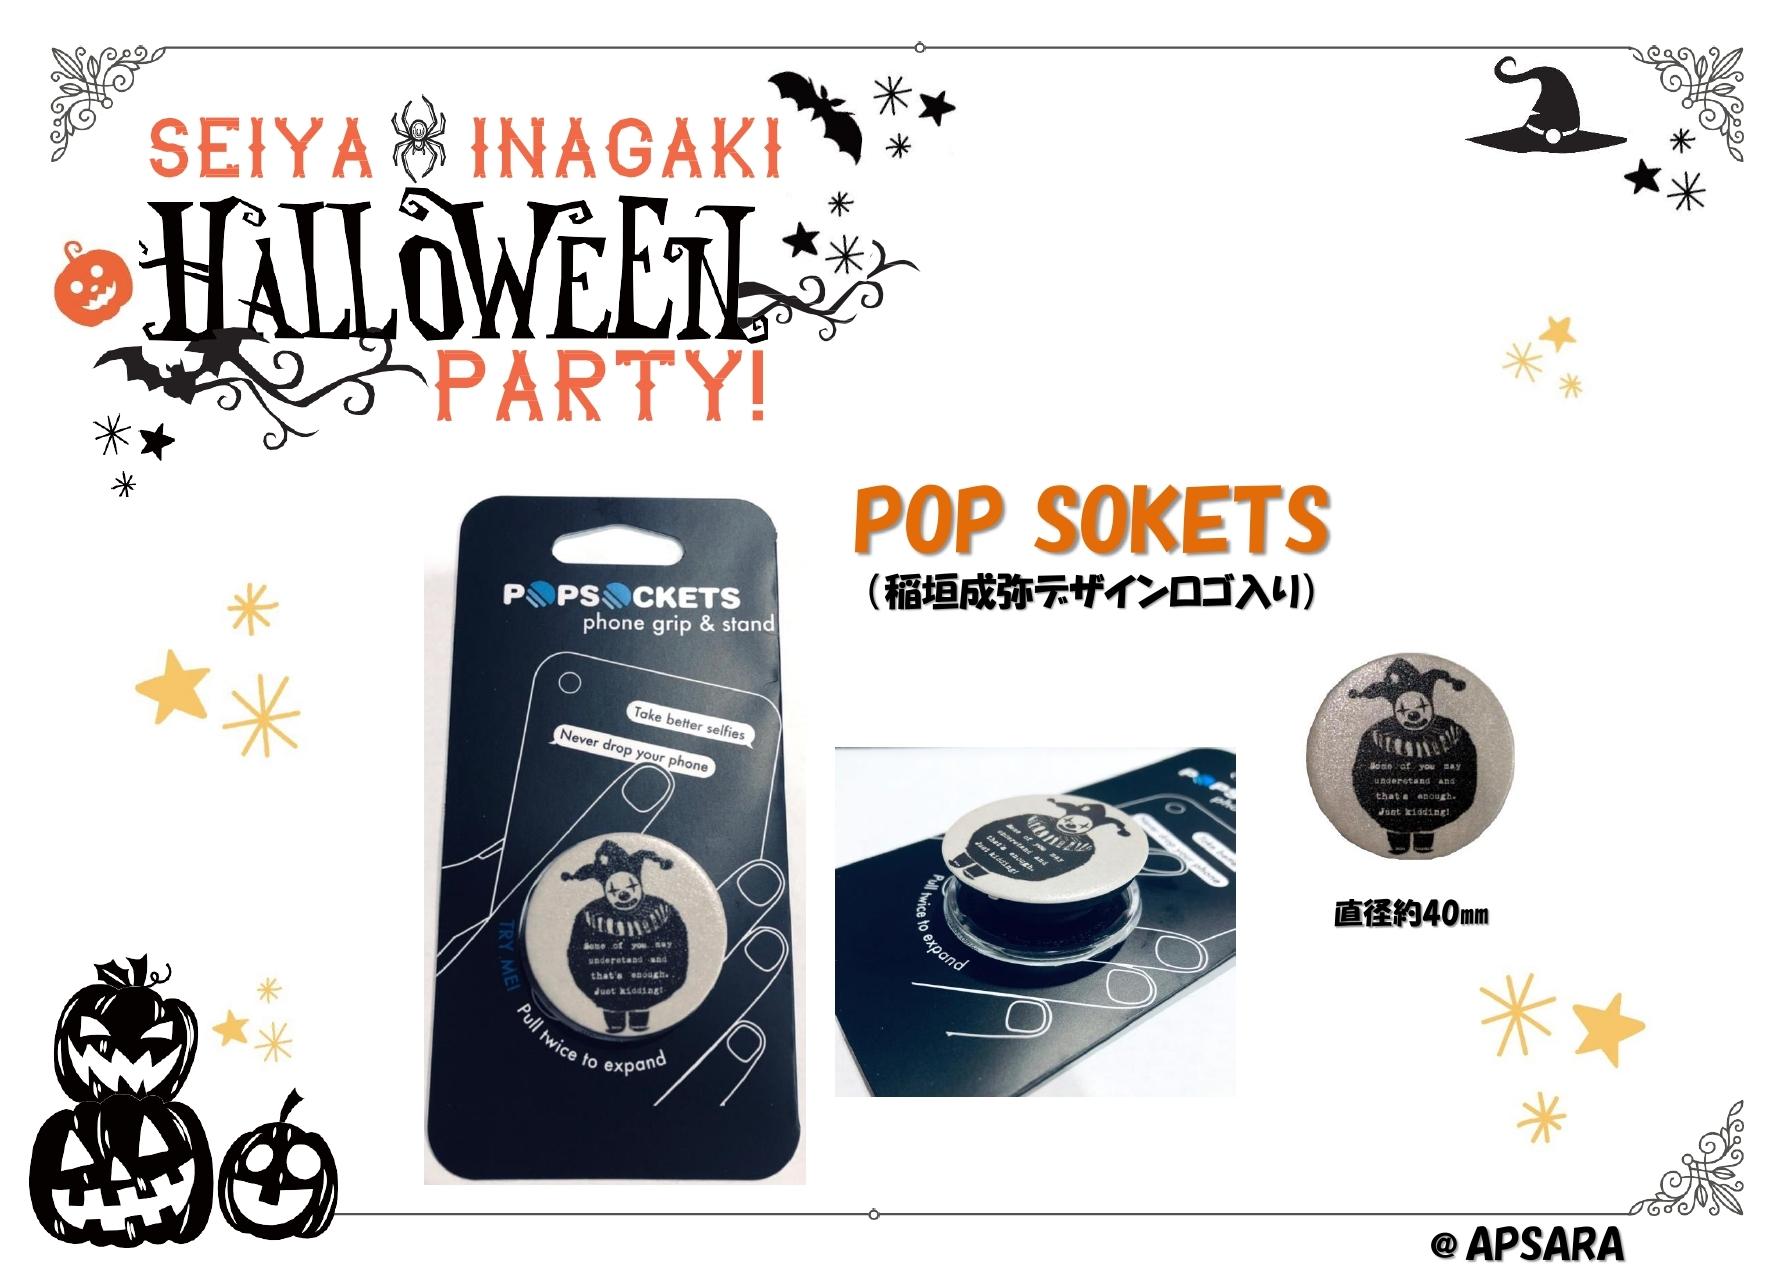 稲垣成弥ロゴ入りPOP SOKETS(稲垣成弥とHalloween Party!)